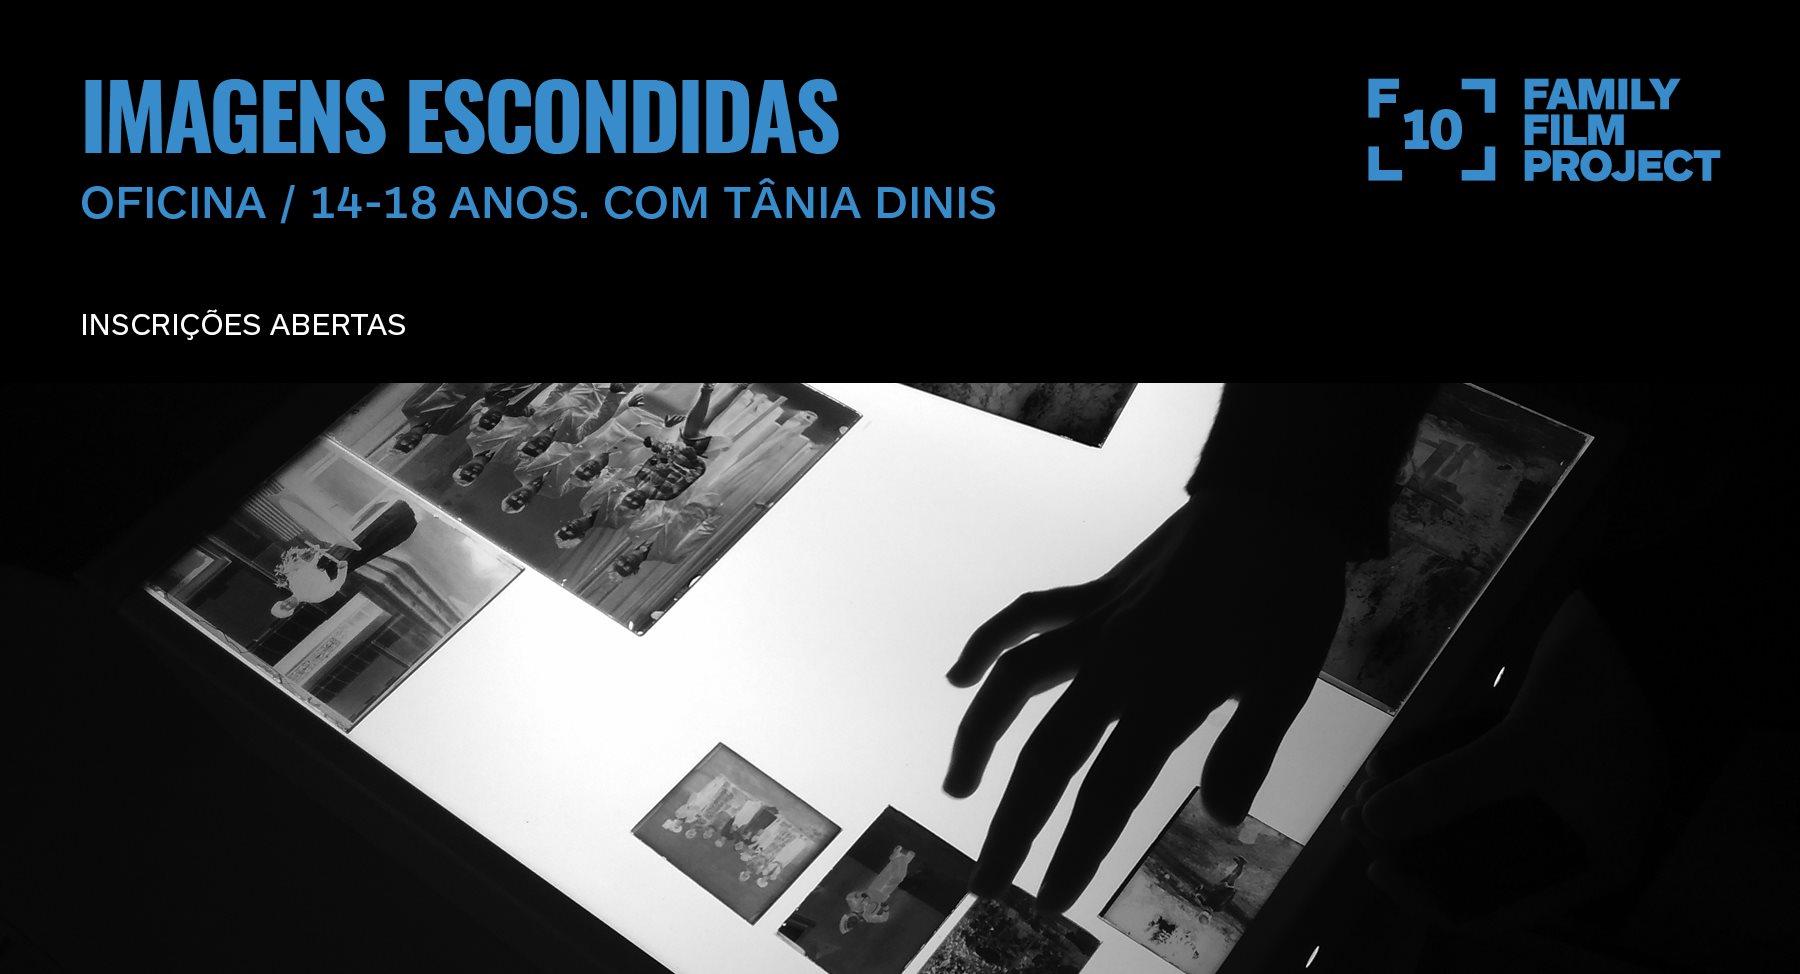 Imagens Escondidas • Oficina com Tânia Dinis (14-18 anos)